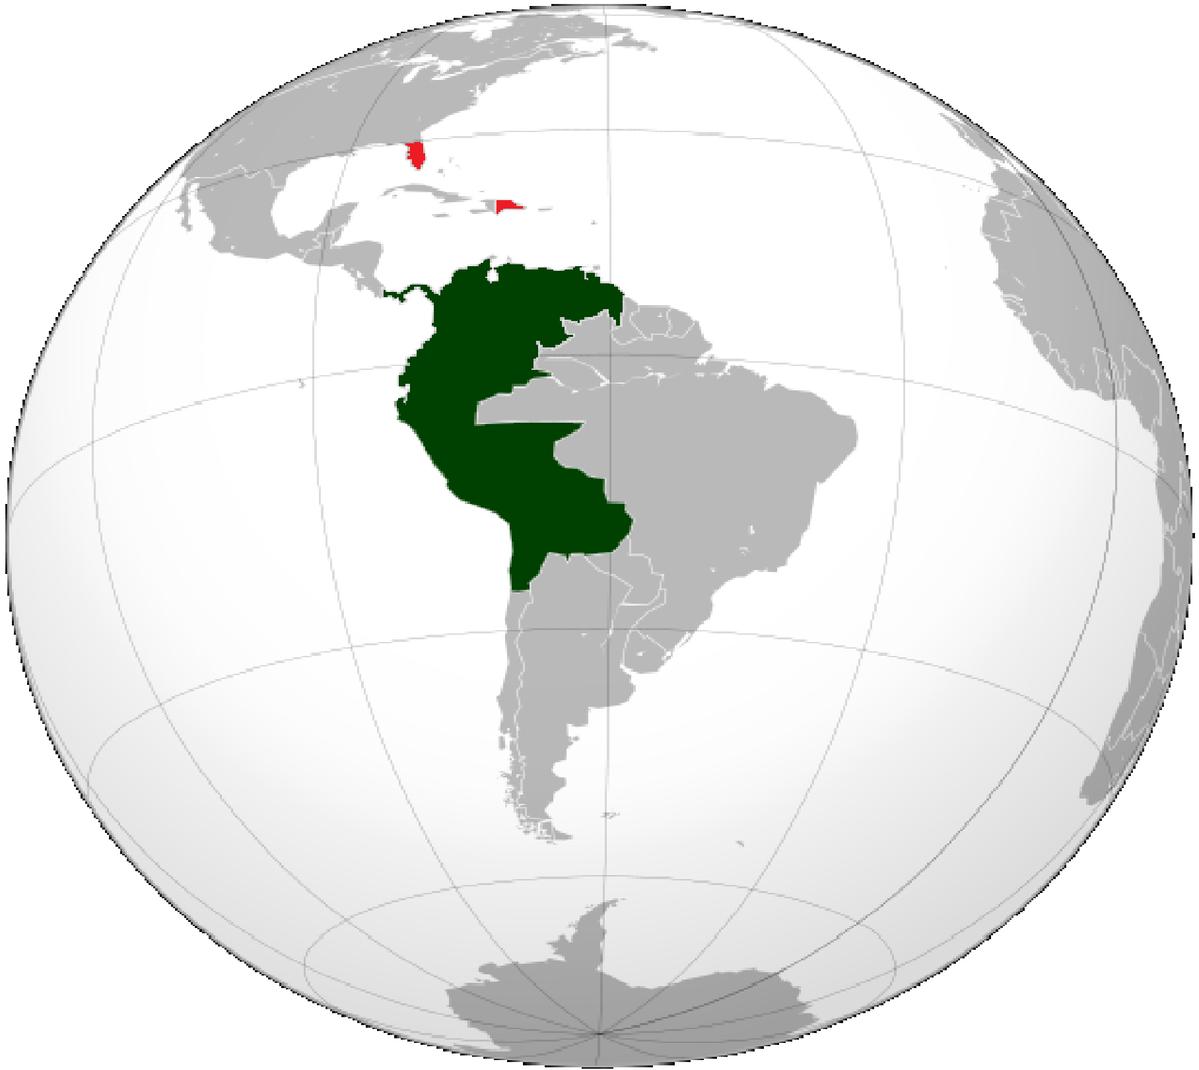 Los colombianos en su jornada diaria de trabajo - 2 part 10